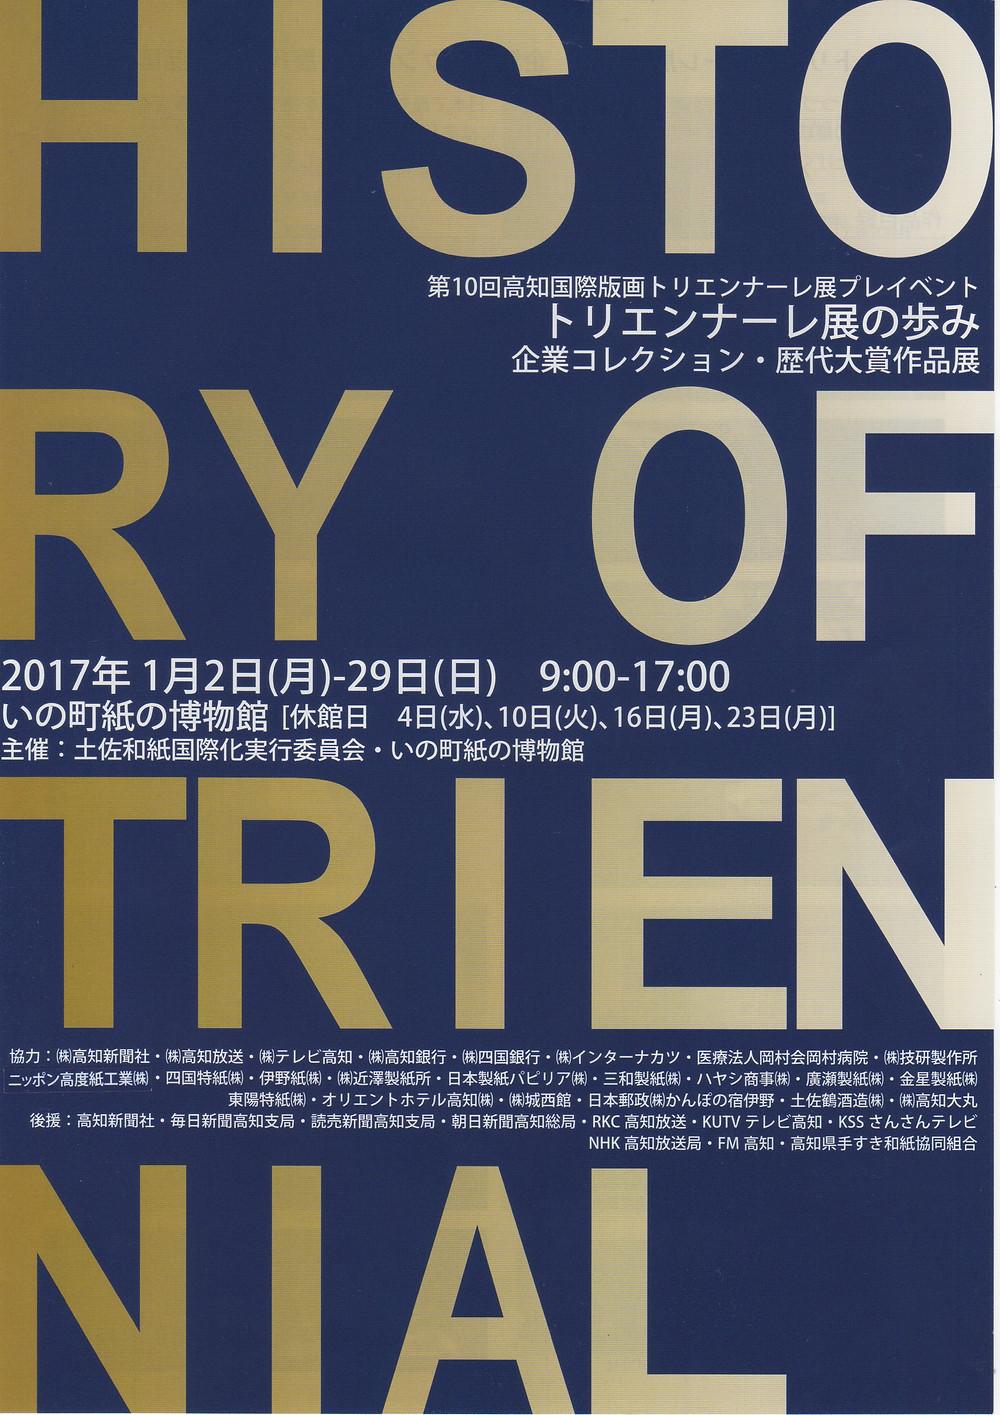 第10回高知国際版画トリエンナーレ展プレイベント「トリエンナーレ展の歩み」